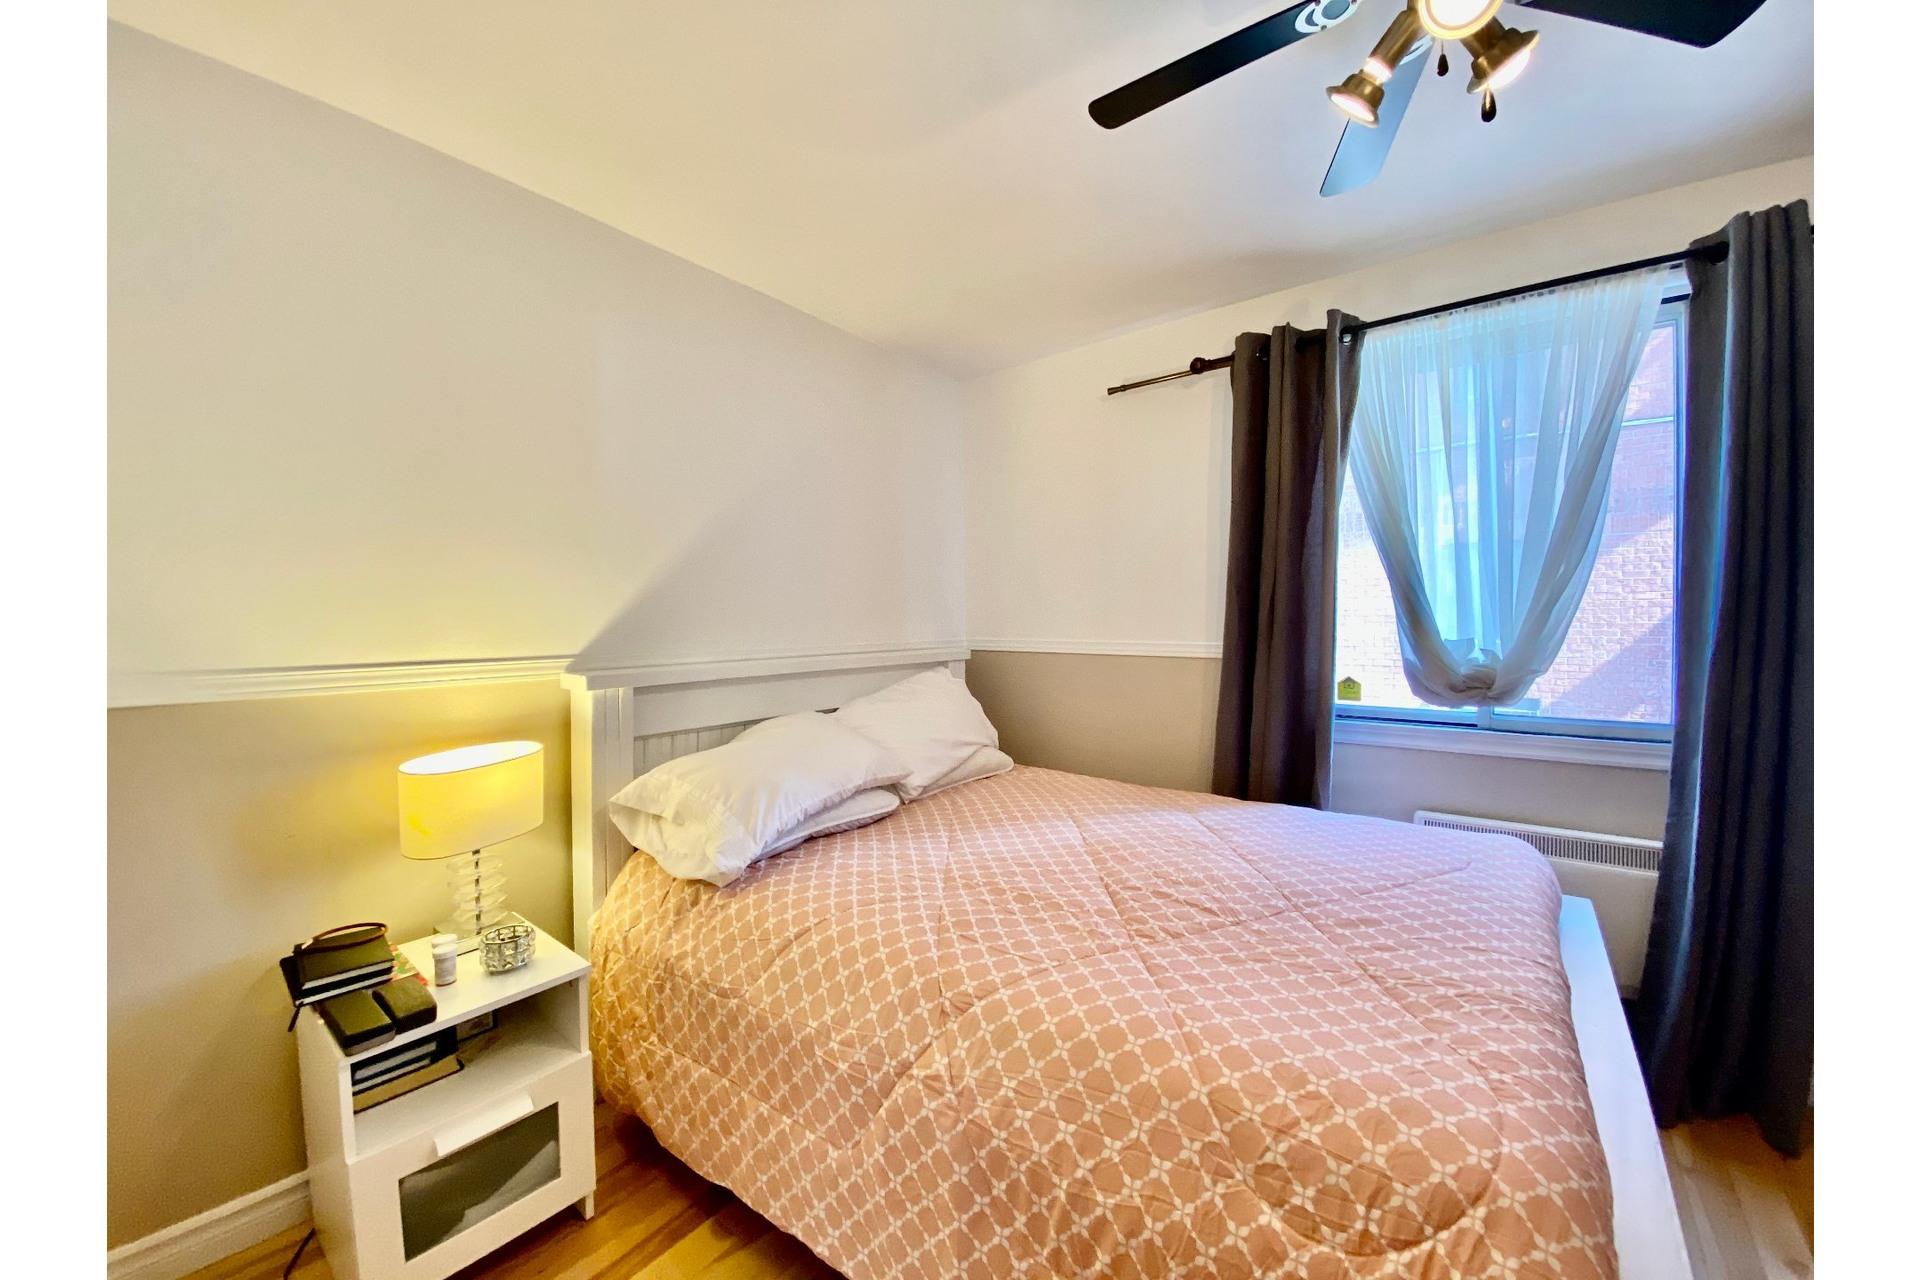 image 8 - Quadruplex For sale Lachine Montréal  - 4 rooms